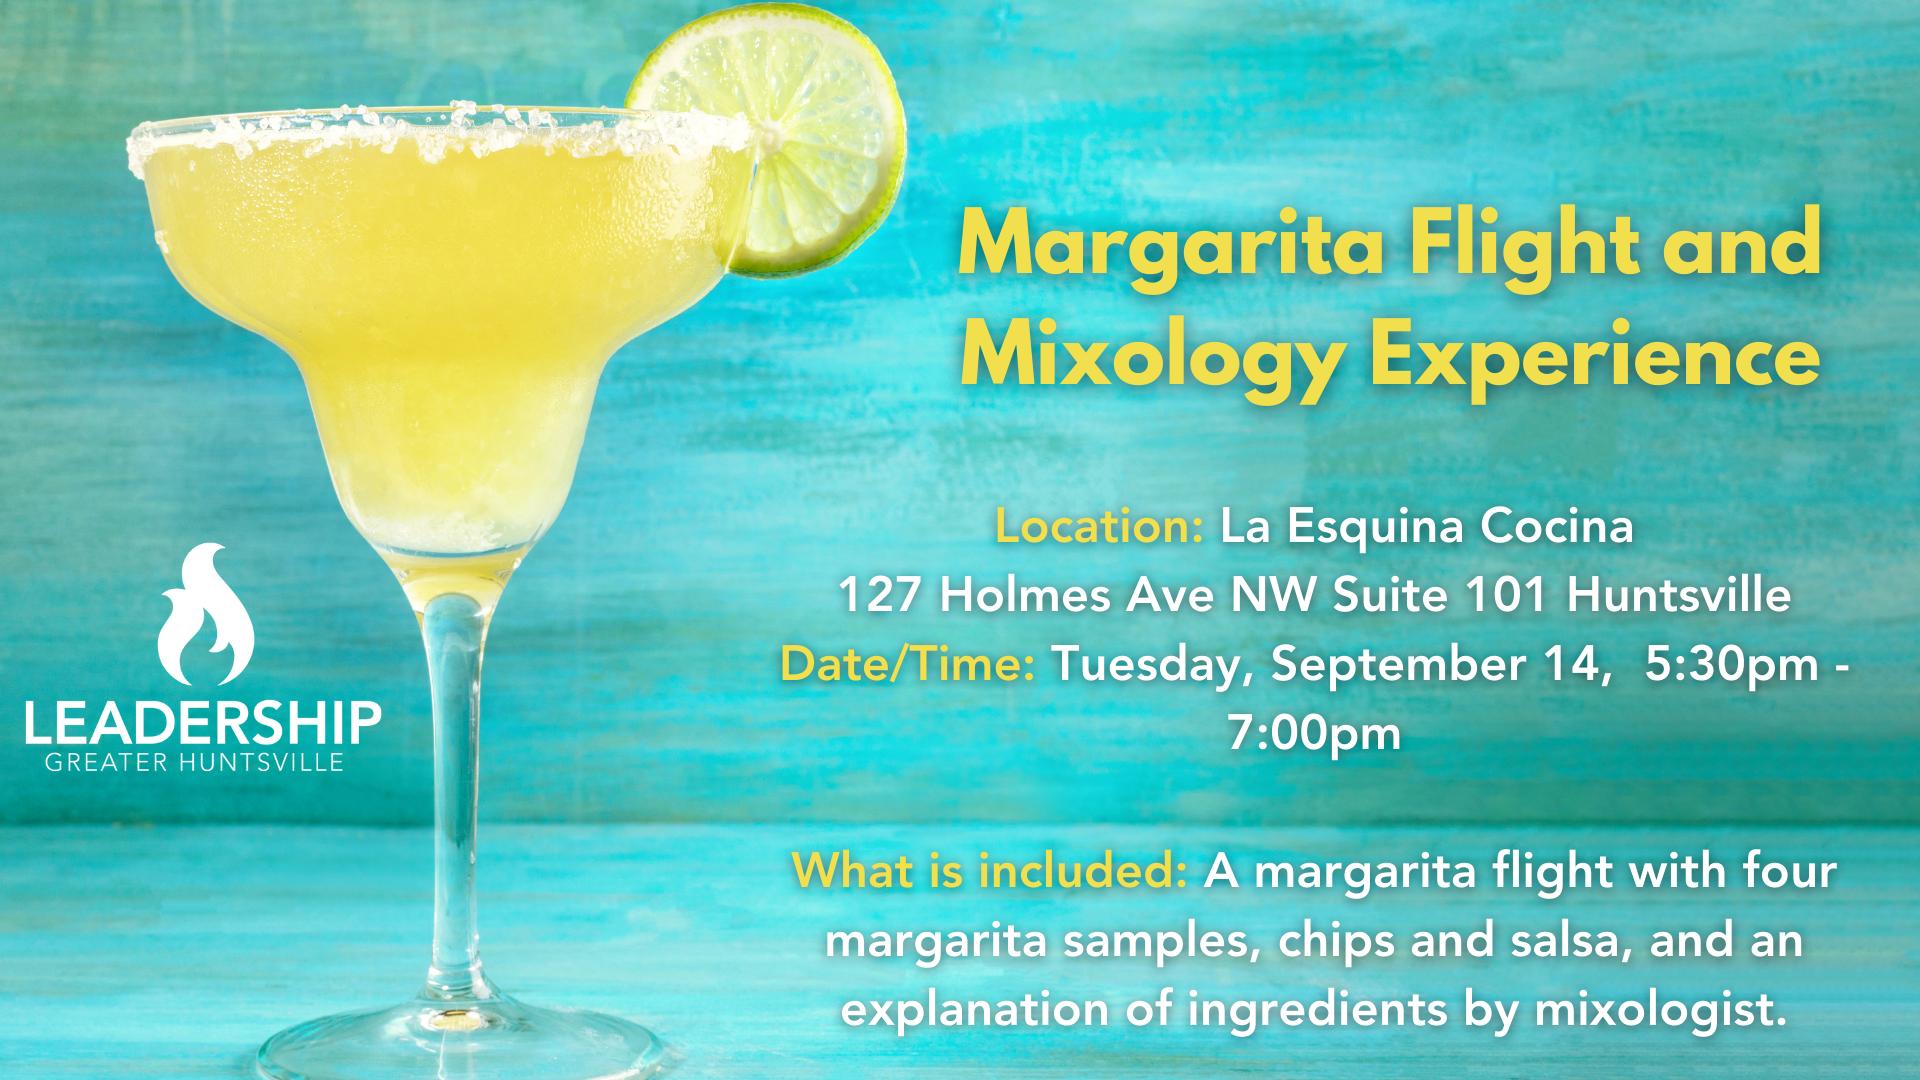 Margarita Flight